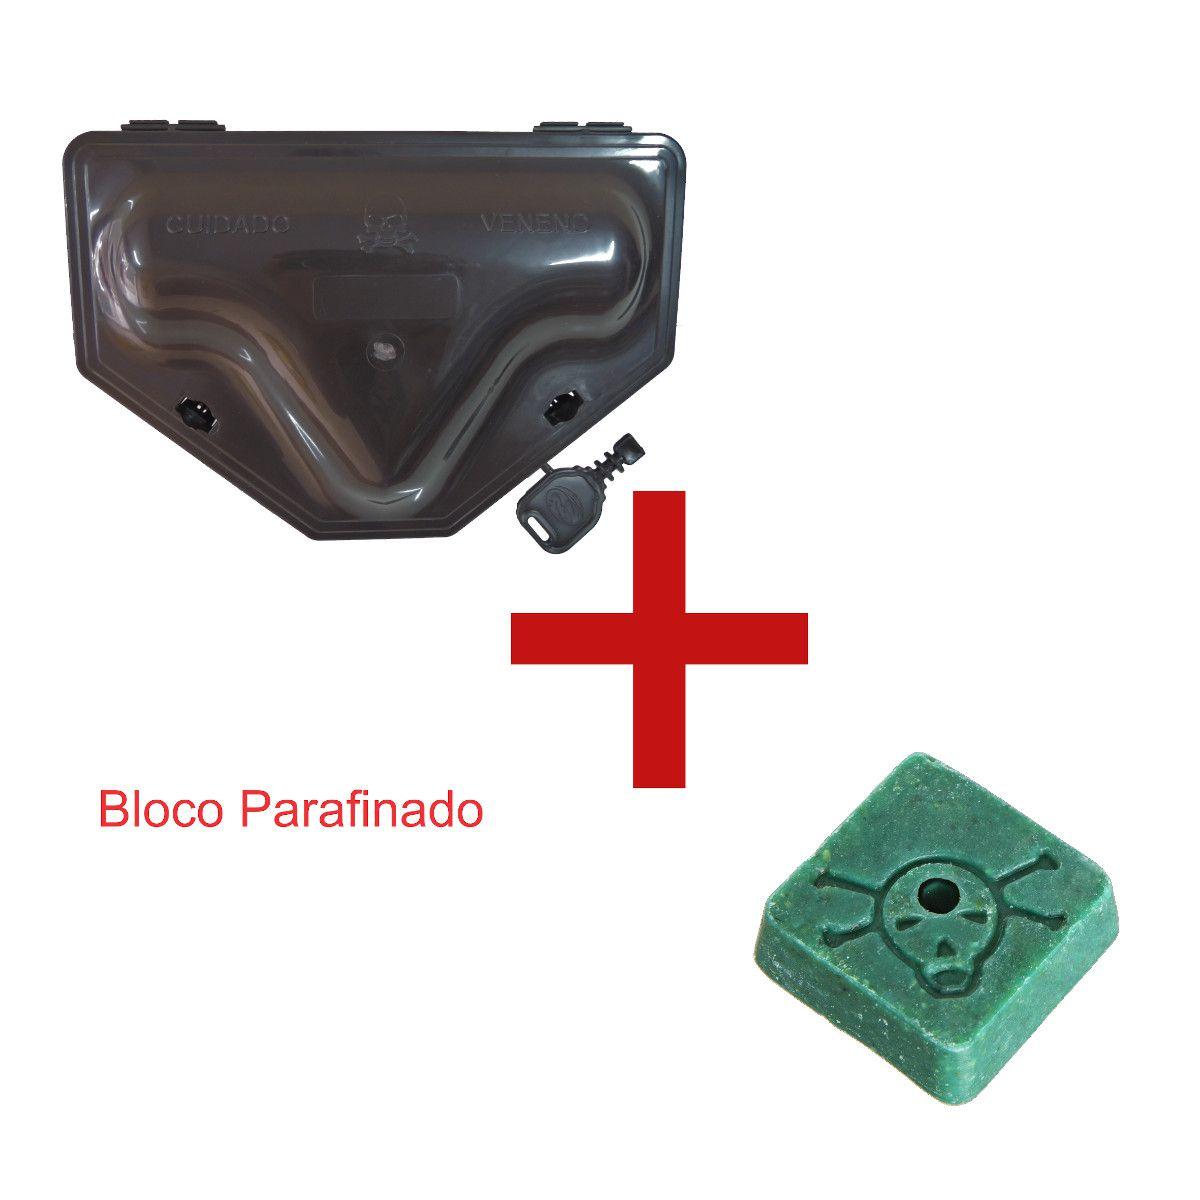 22 Porta Iscas C/ Duplo Travamento + 22 Bloco Parafinado